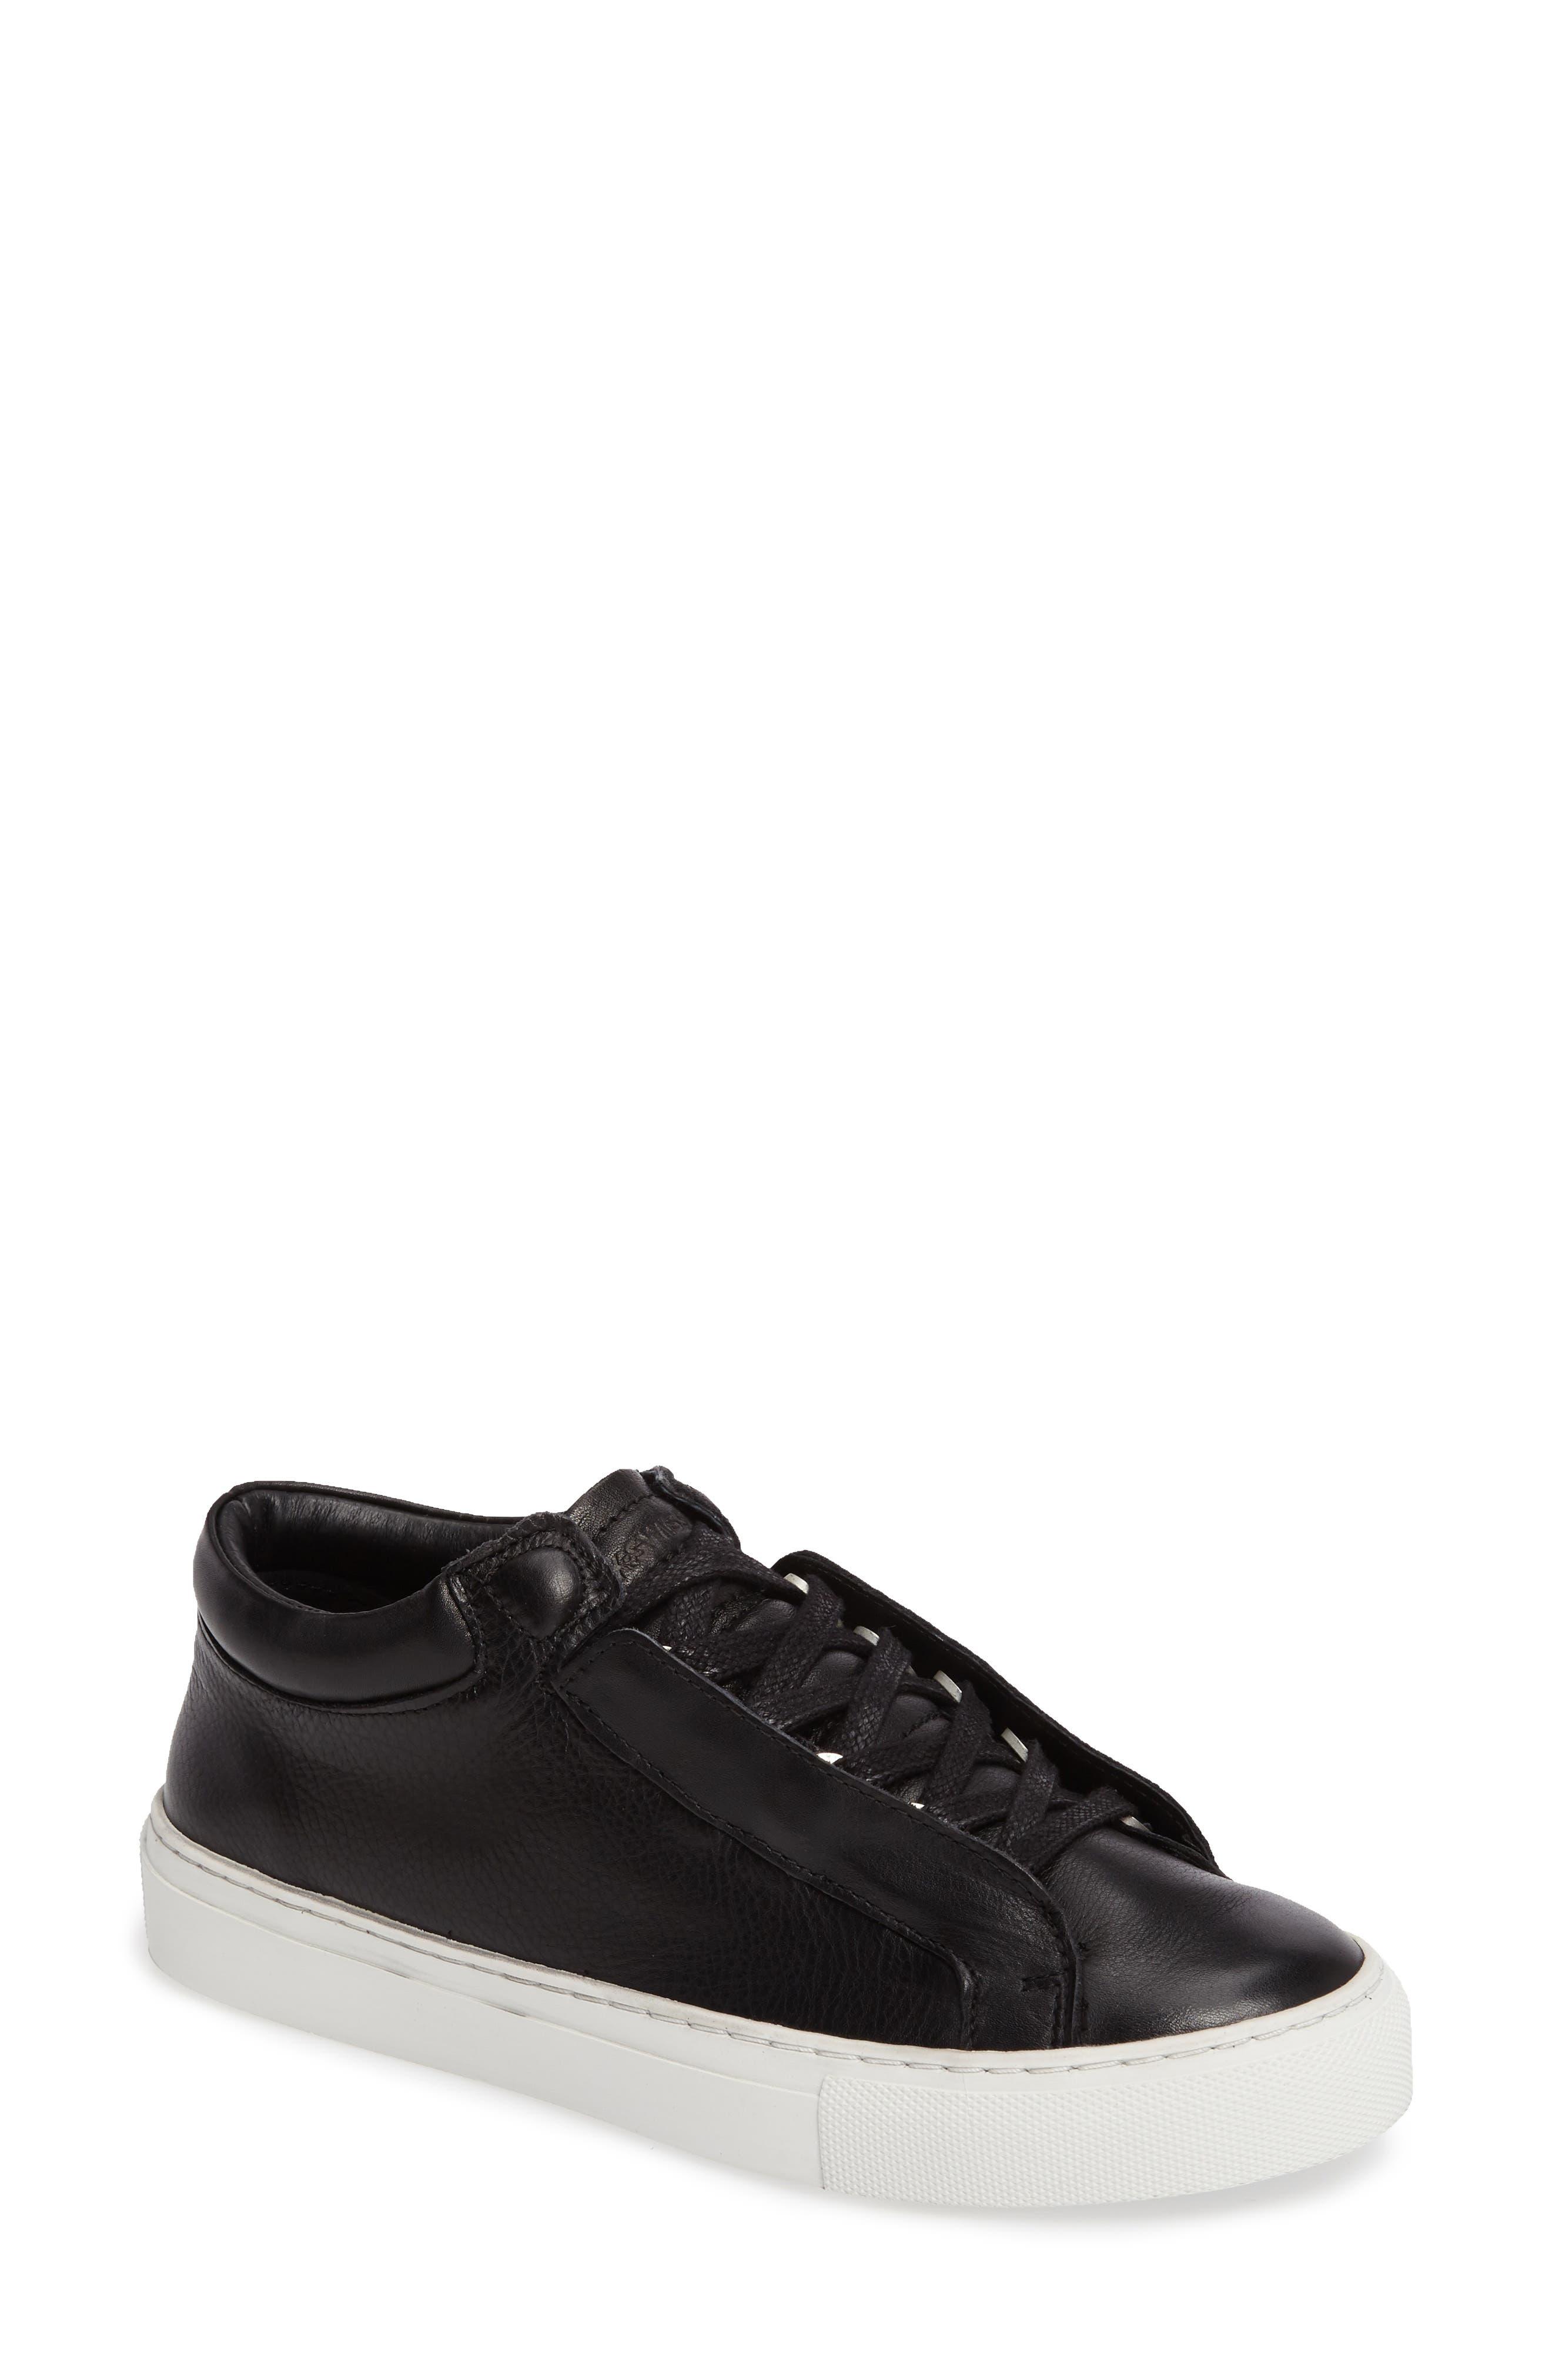 Novo Demi Sneaker,                         Main,                         color, Black/ Off White